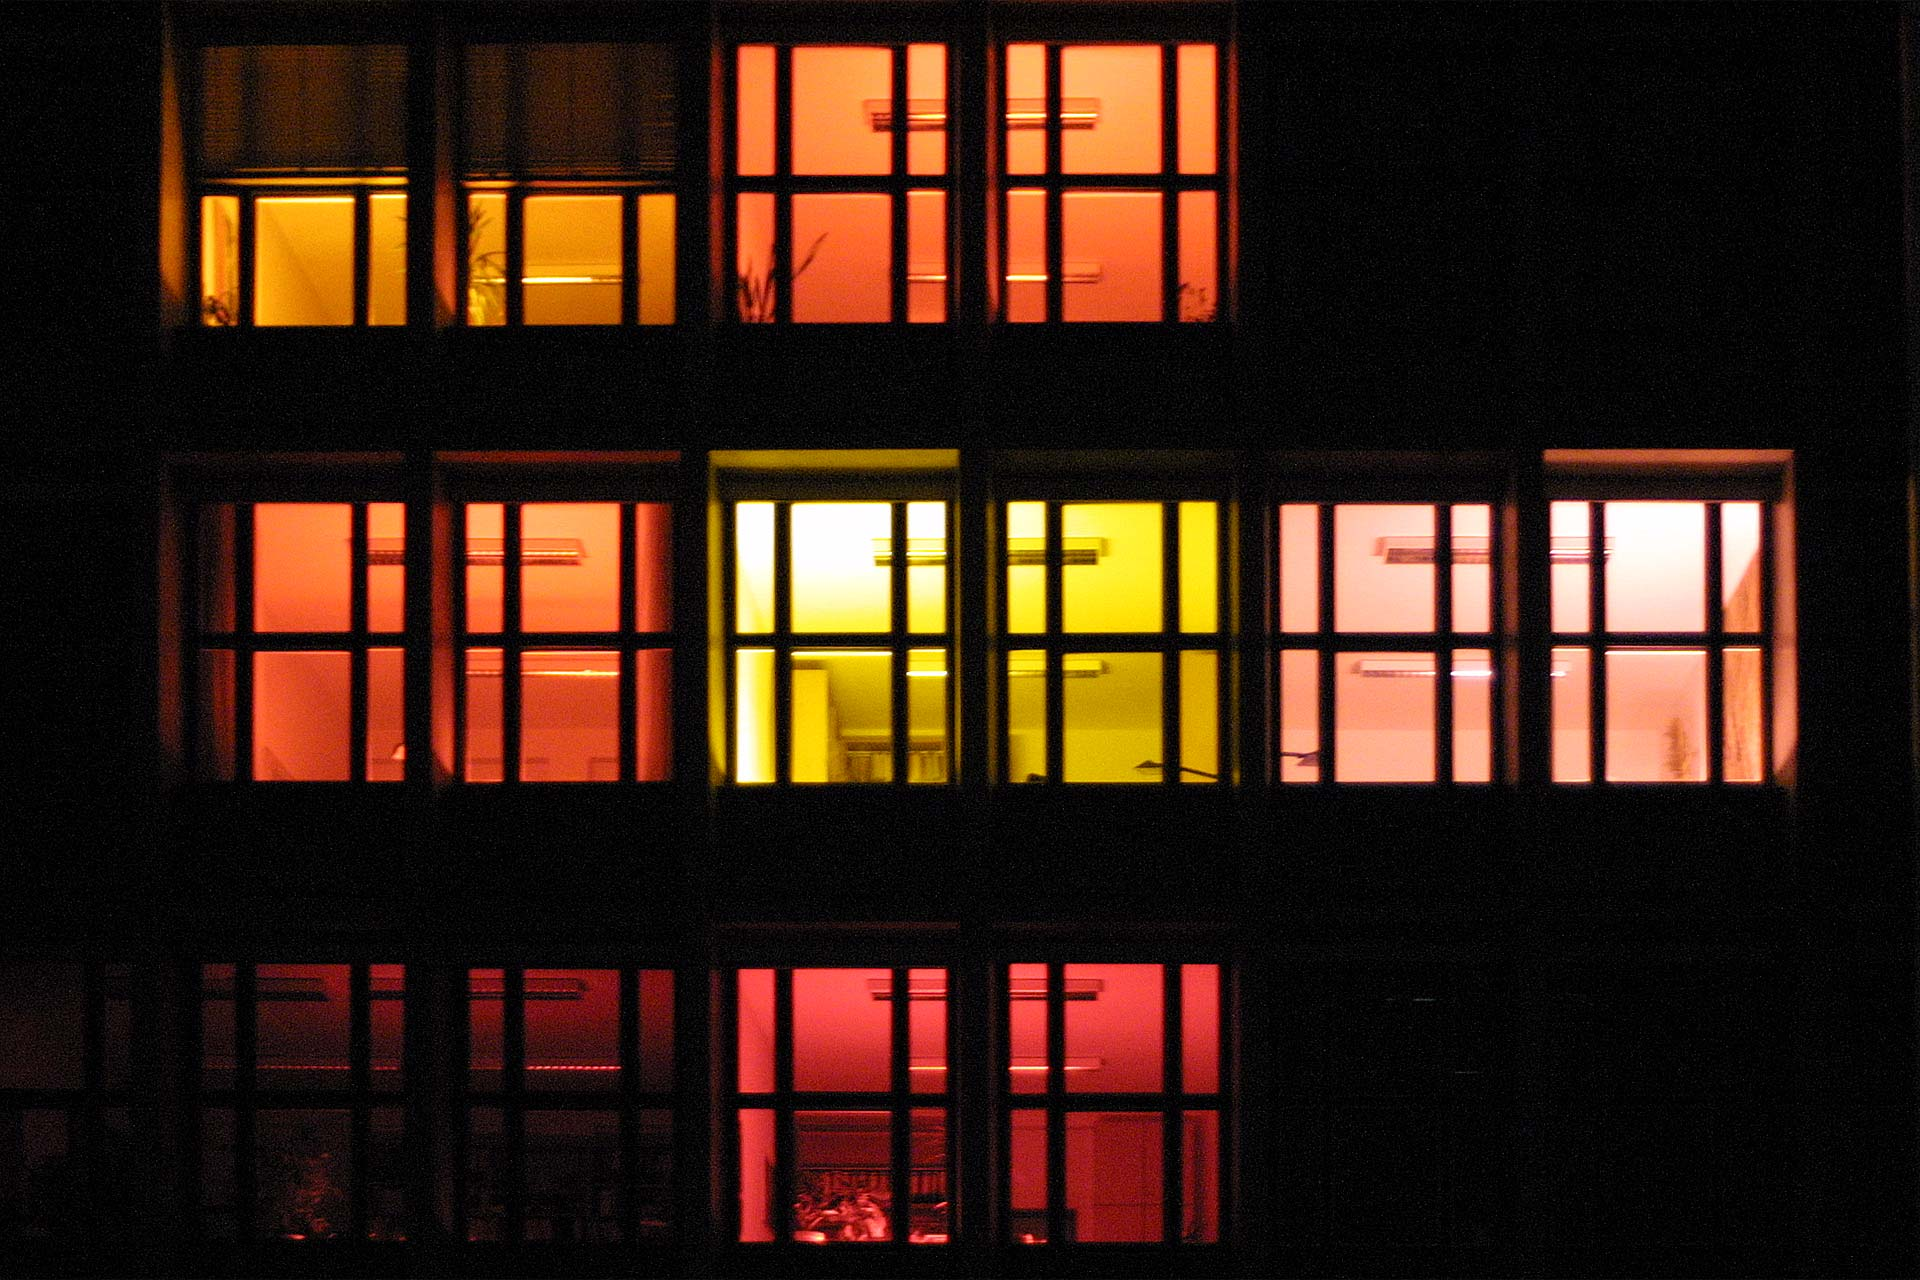 MAASS-Lichtplanung_Temporäre Fassadenbeleuchtung in Hannover__MAASS-MWK-Hannover-005